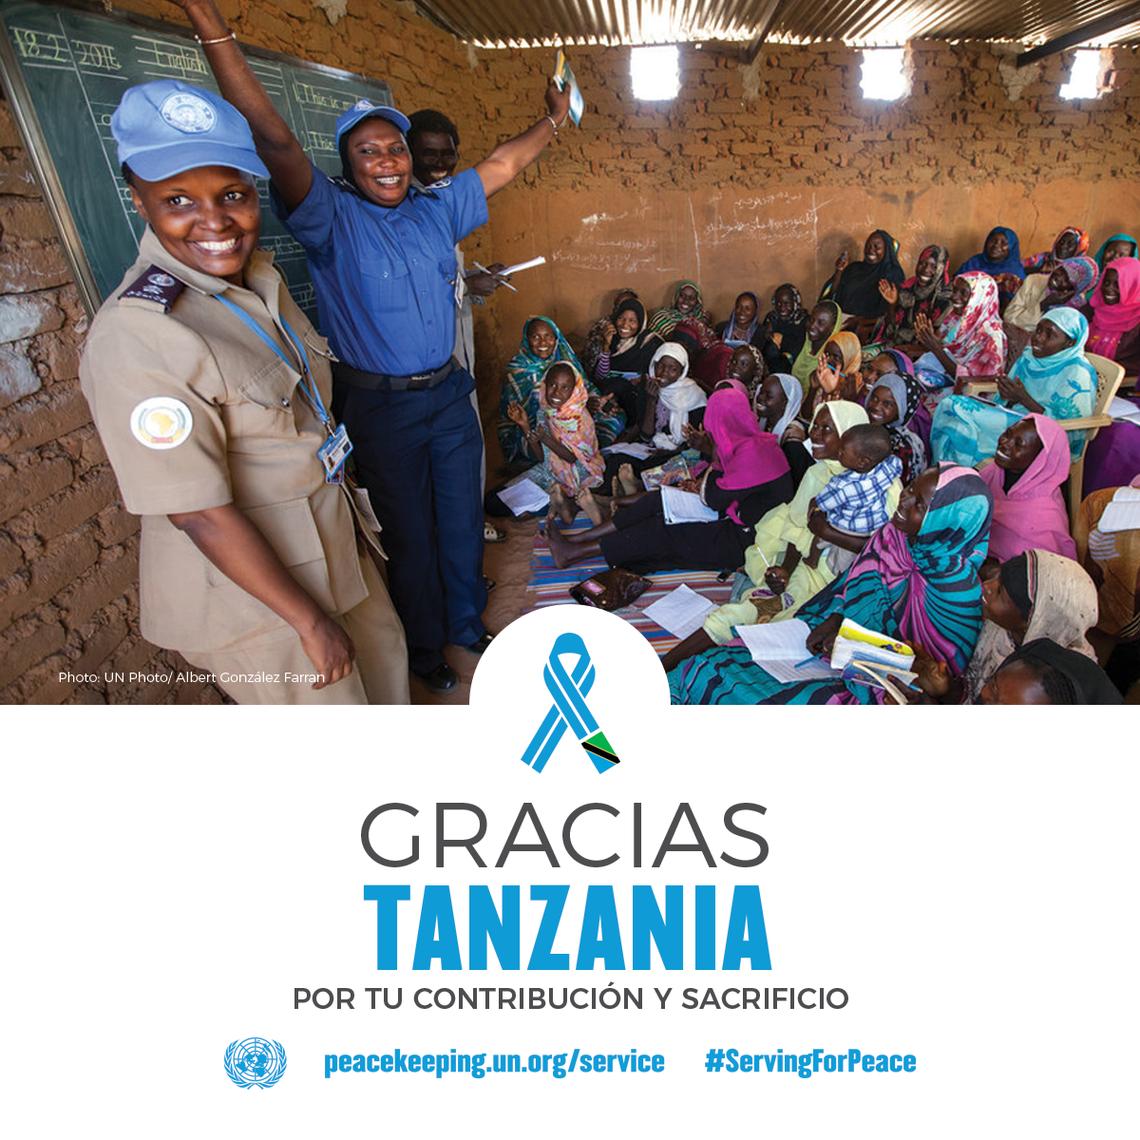 Gracias Tanzania